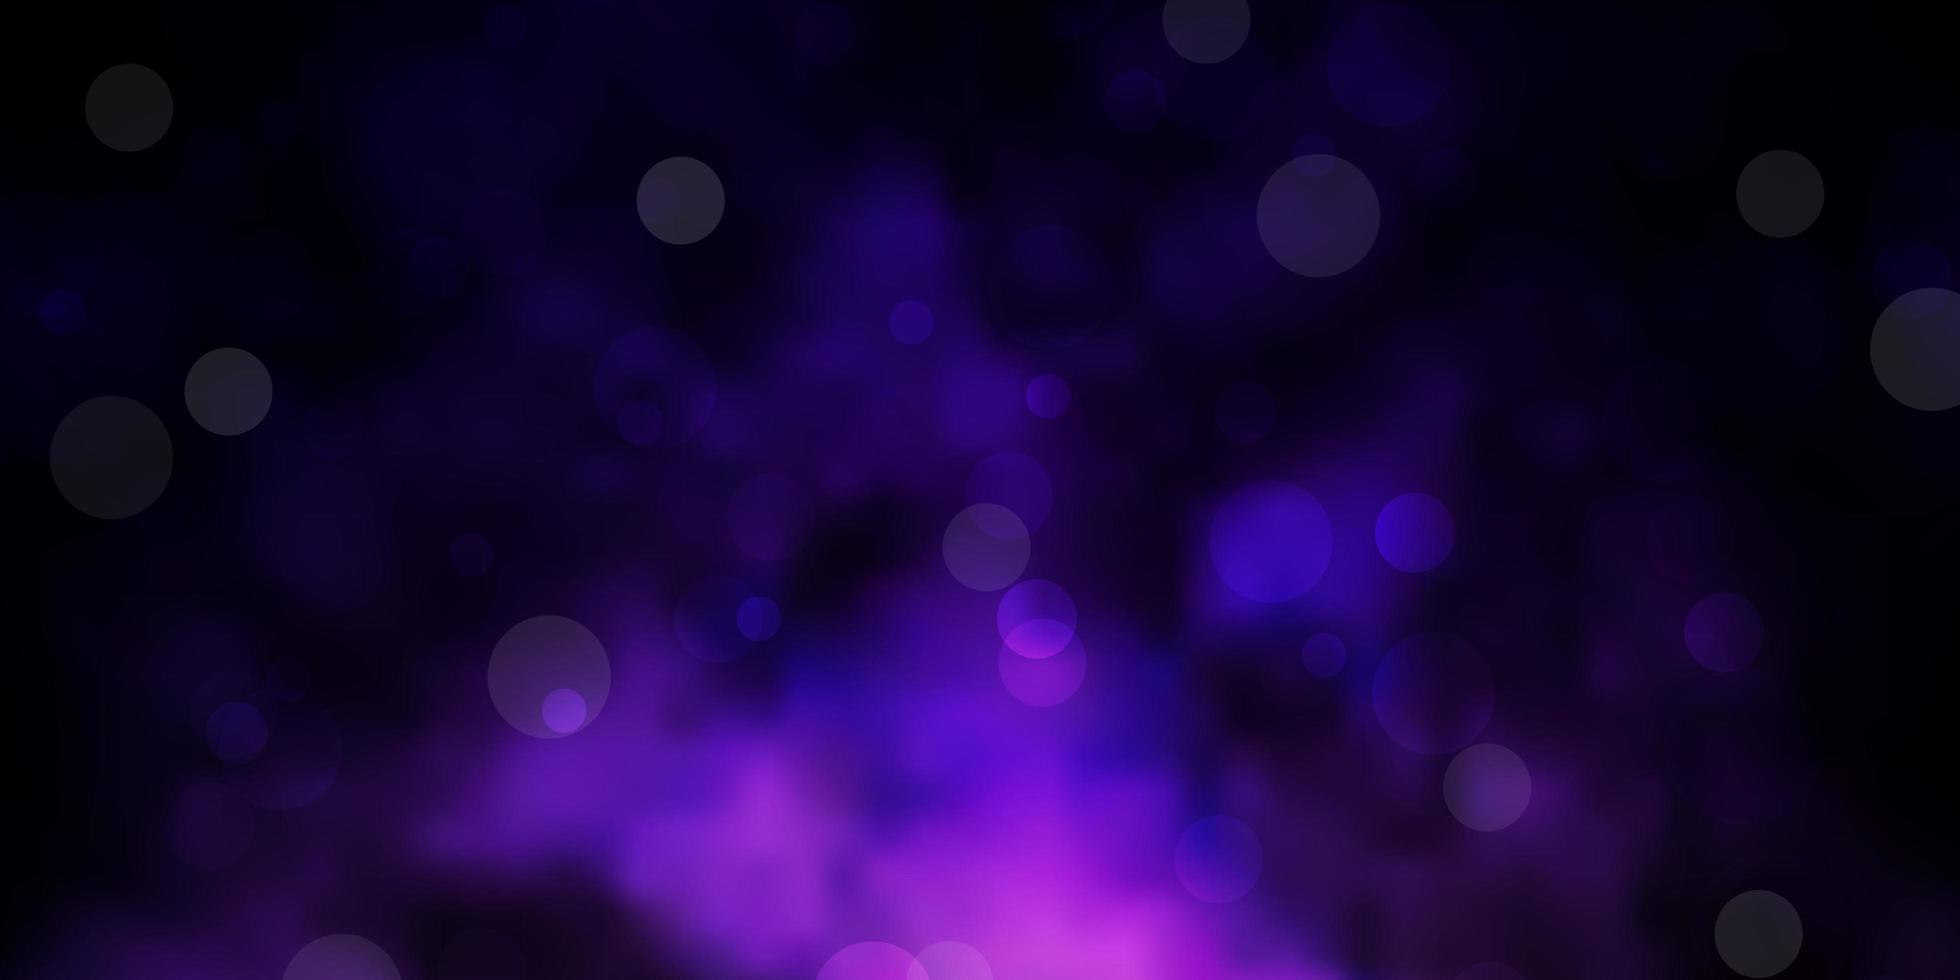 toile de fond de vecteur violet foncé avec des cercles.